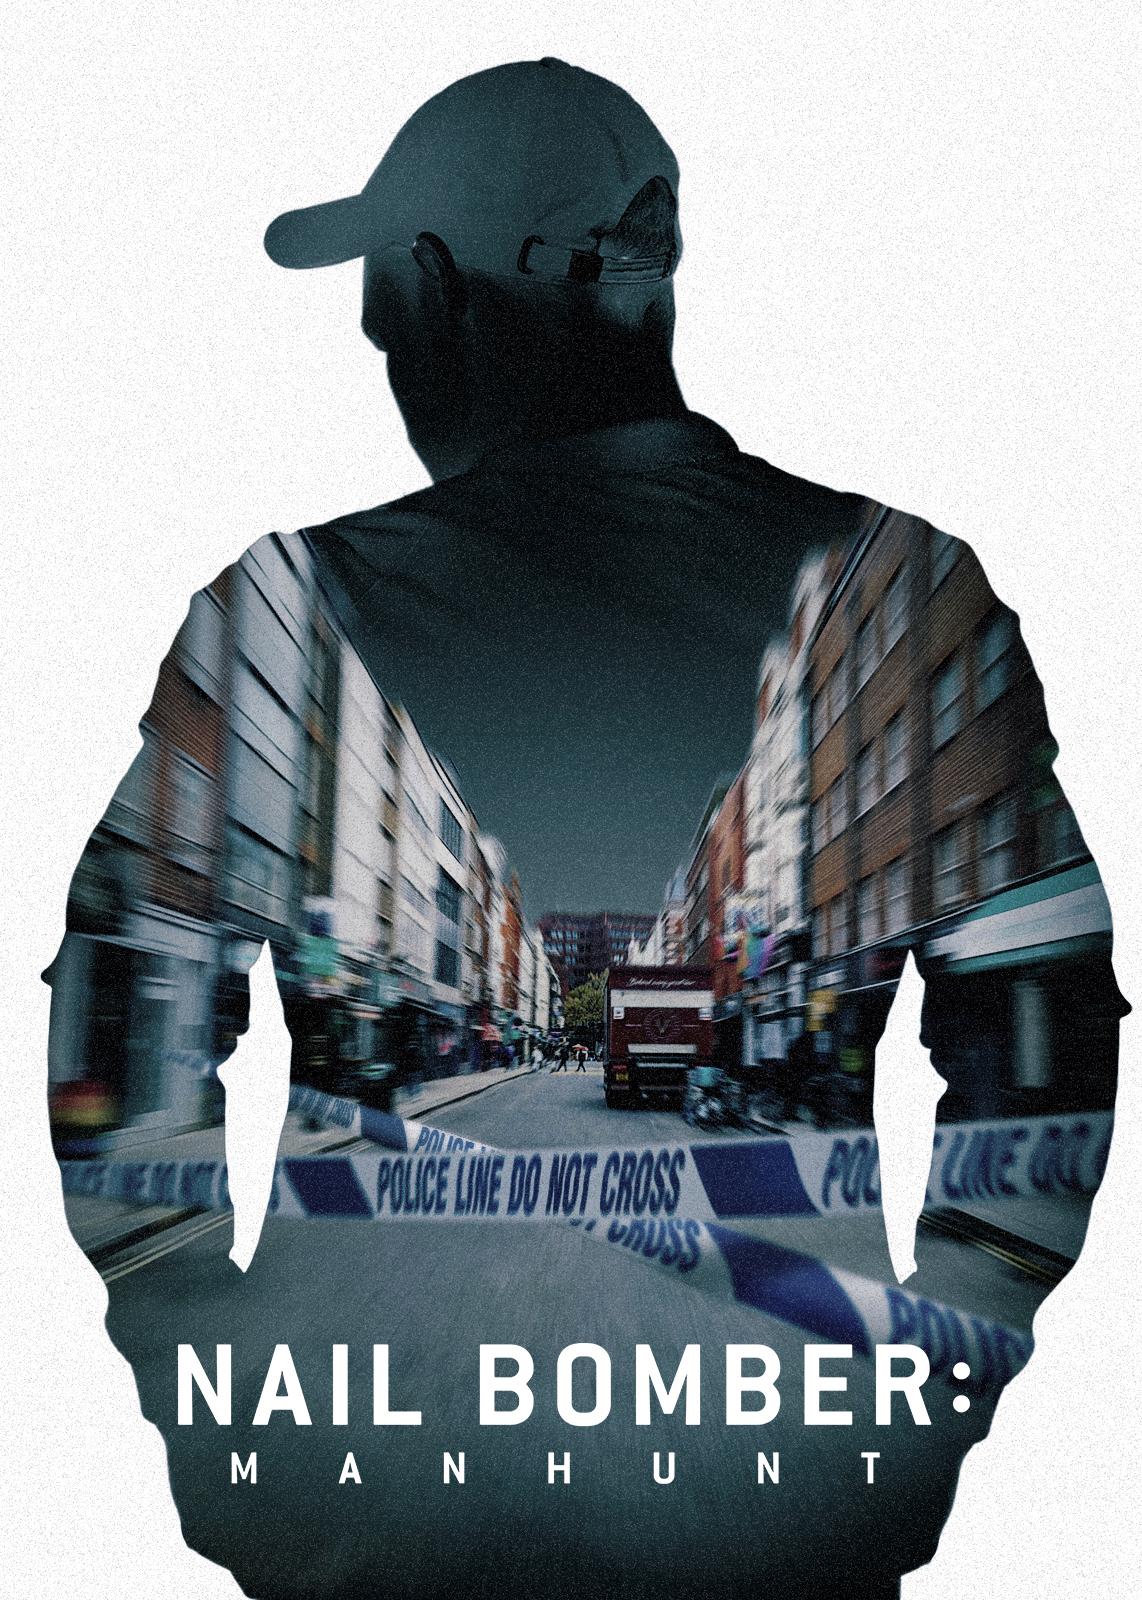 Nail Bomber Manhunt.jpg